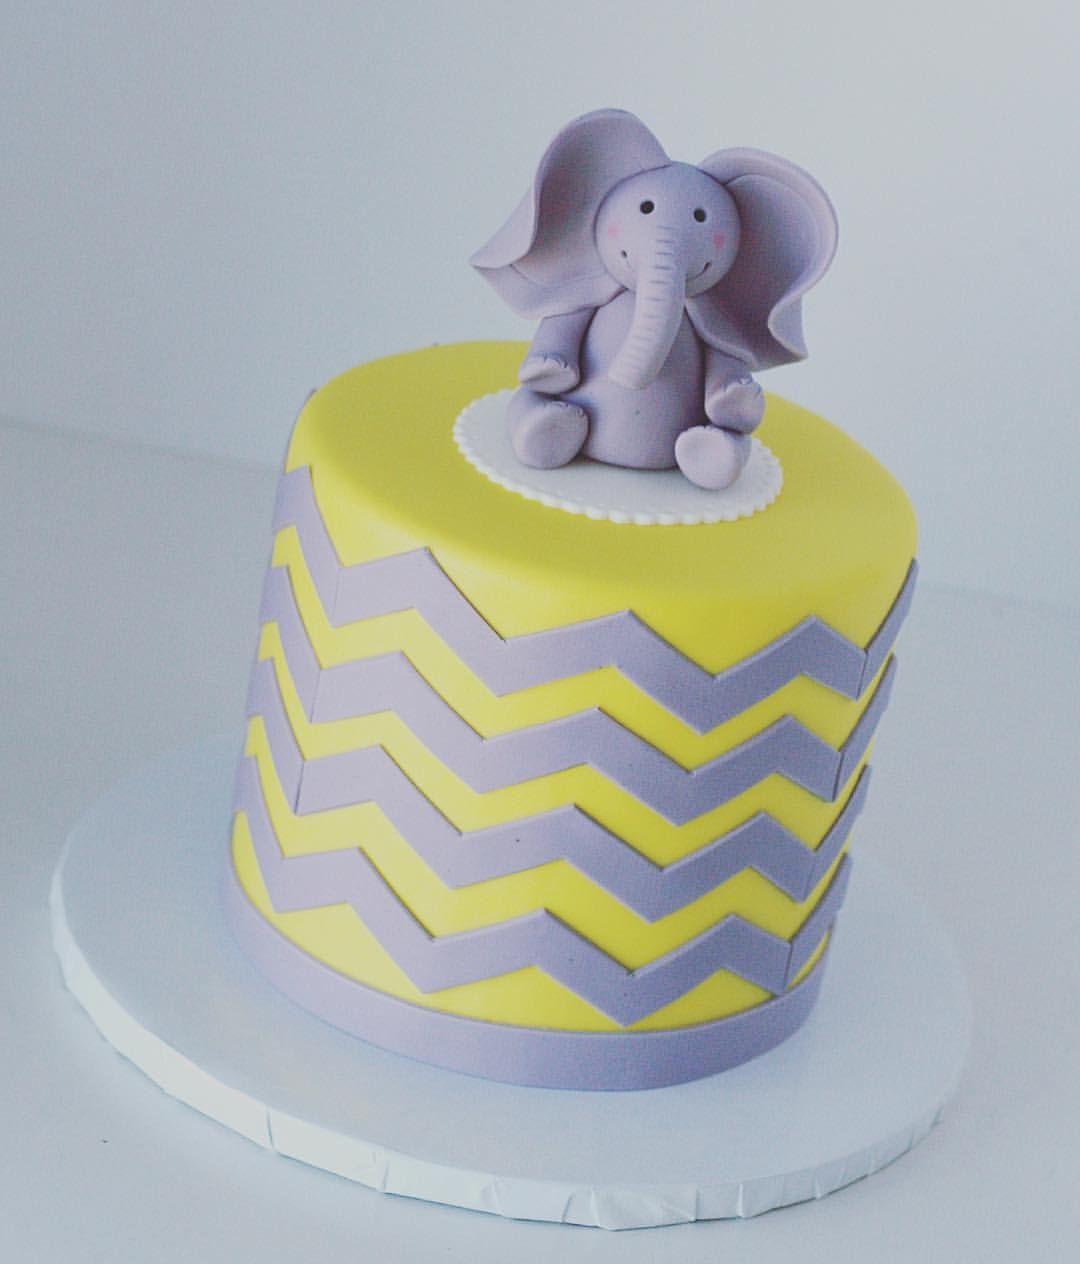 28 elephant images birthday cake